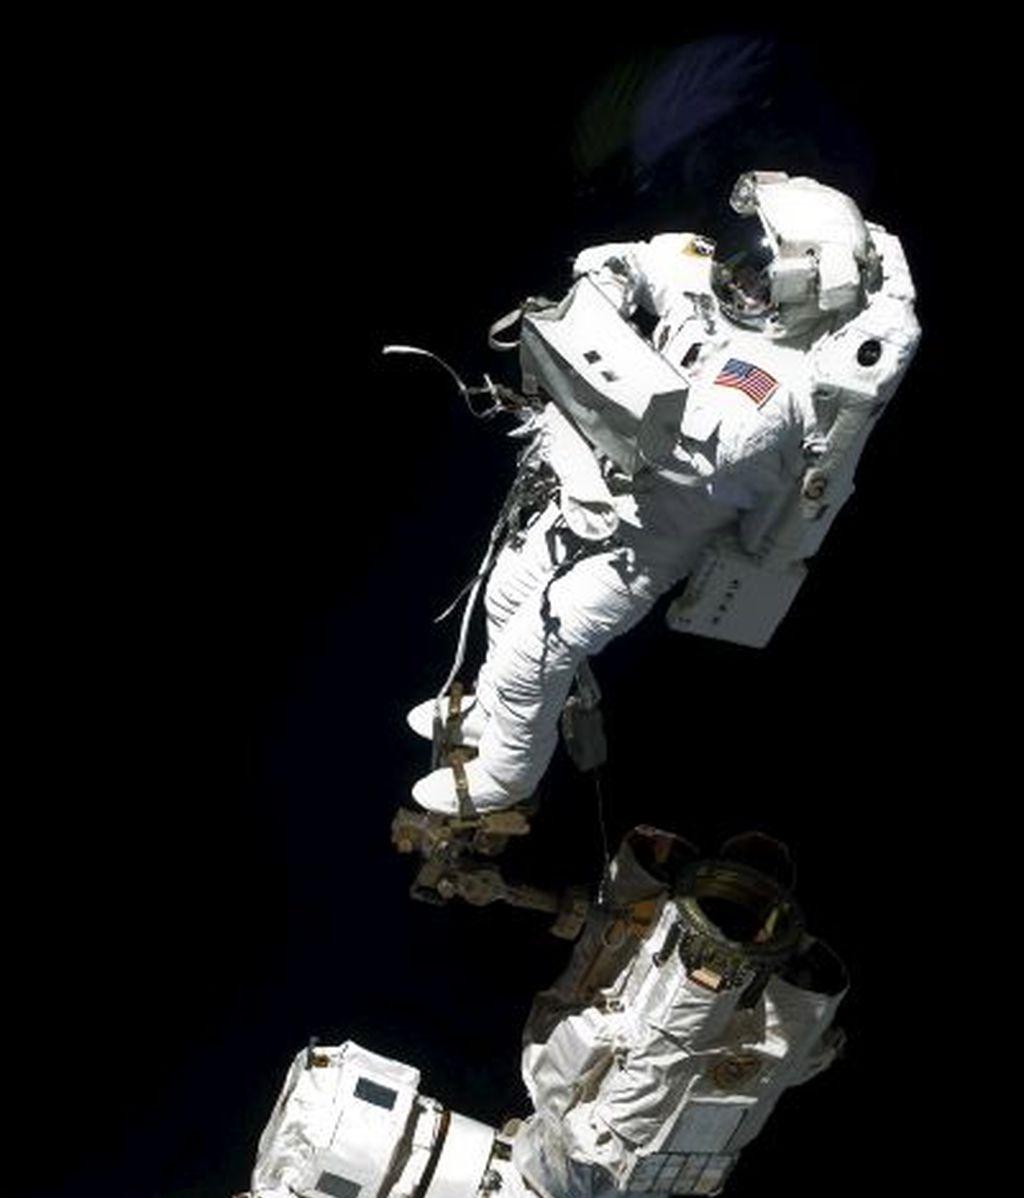 La NASA retrasa la segunda caminata espacial de la misión Atlantis